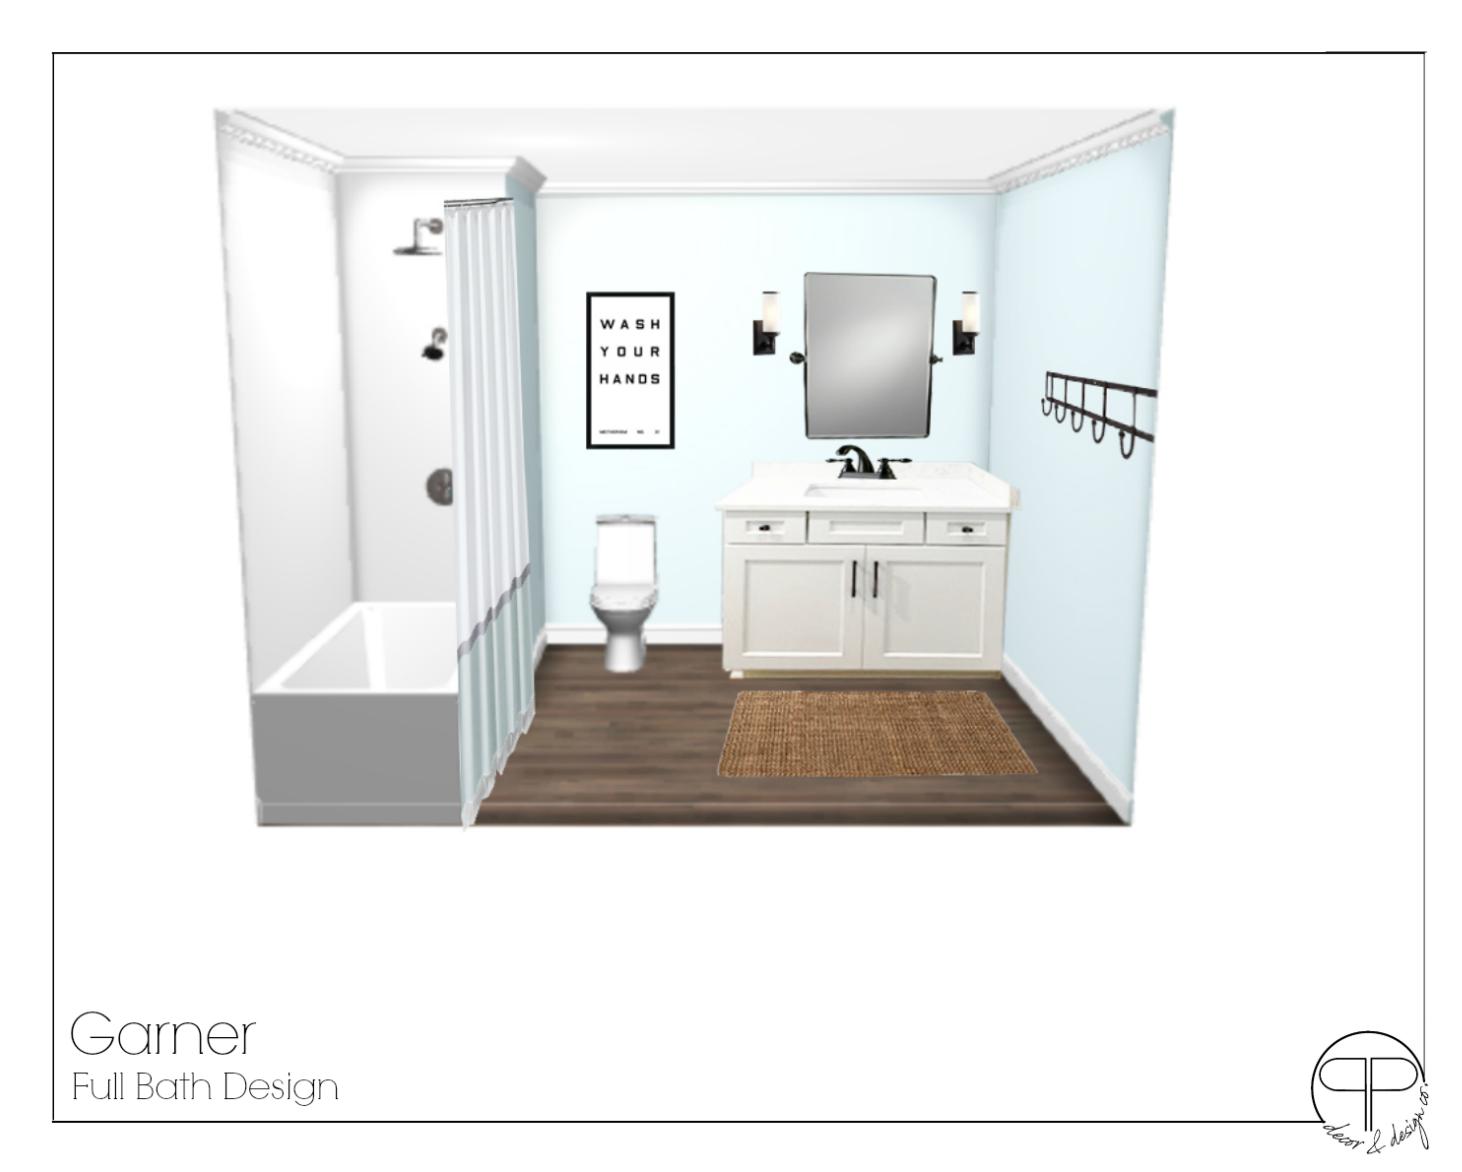 Garner_Full_Bath_Design.png